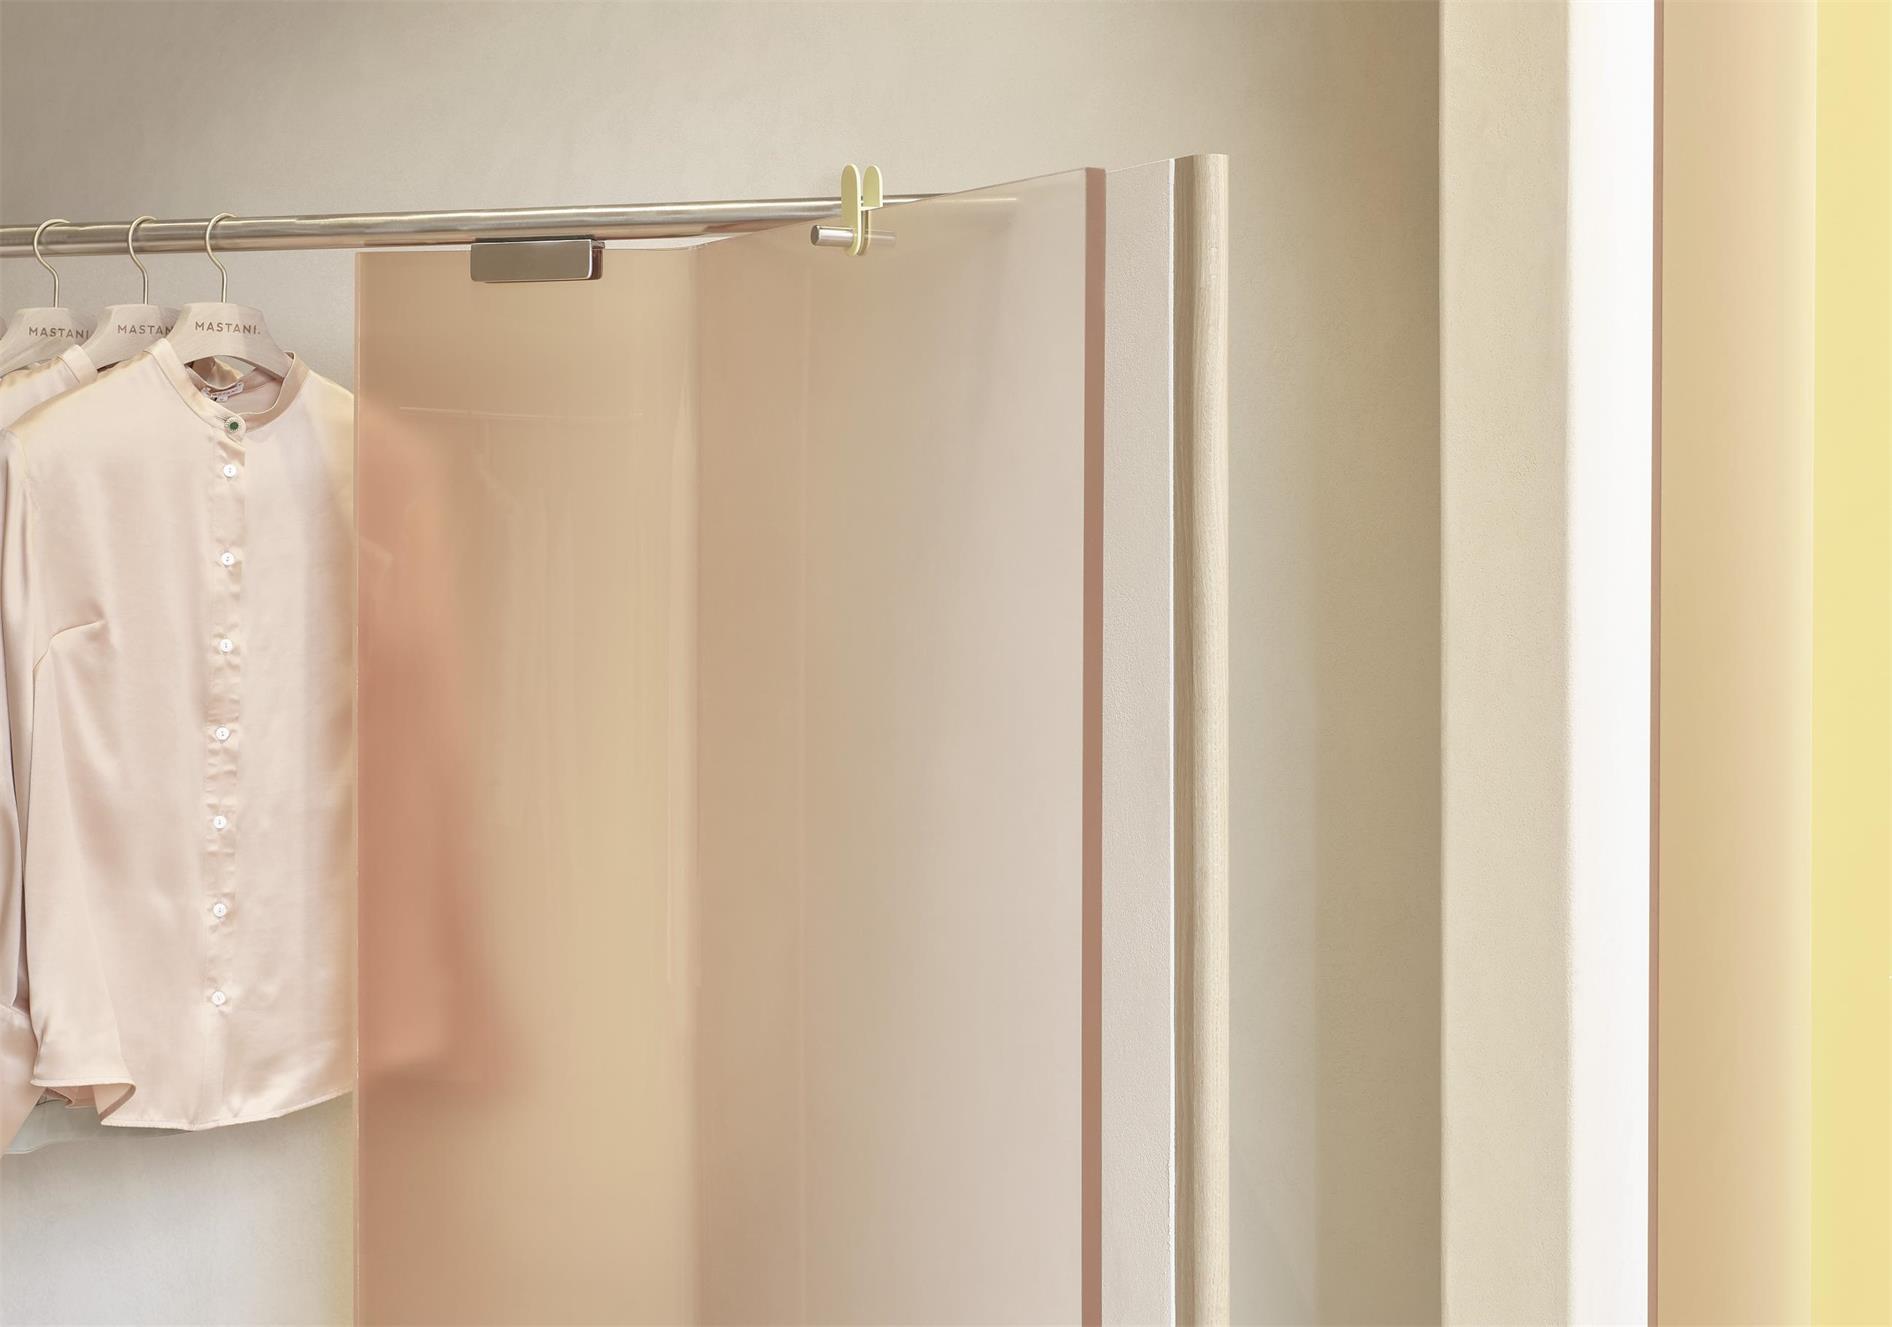 服装店展示架弧形造型设计